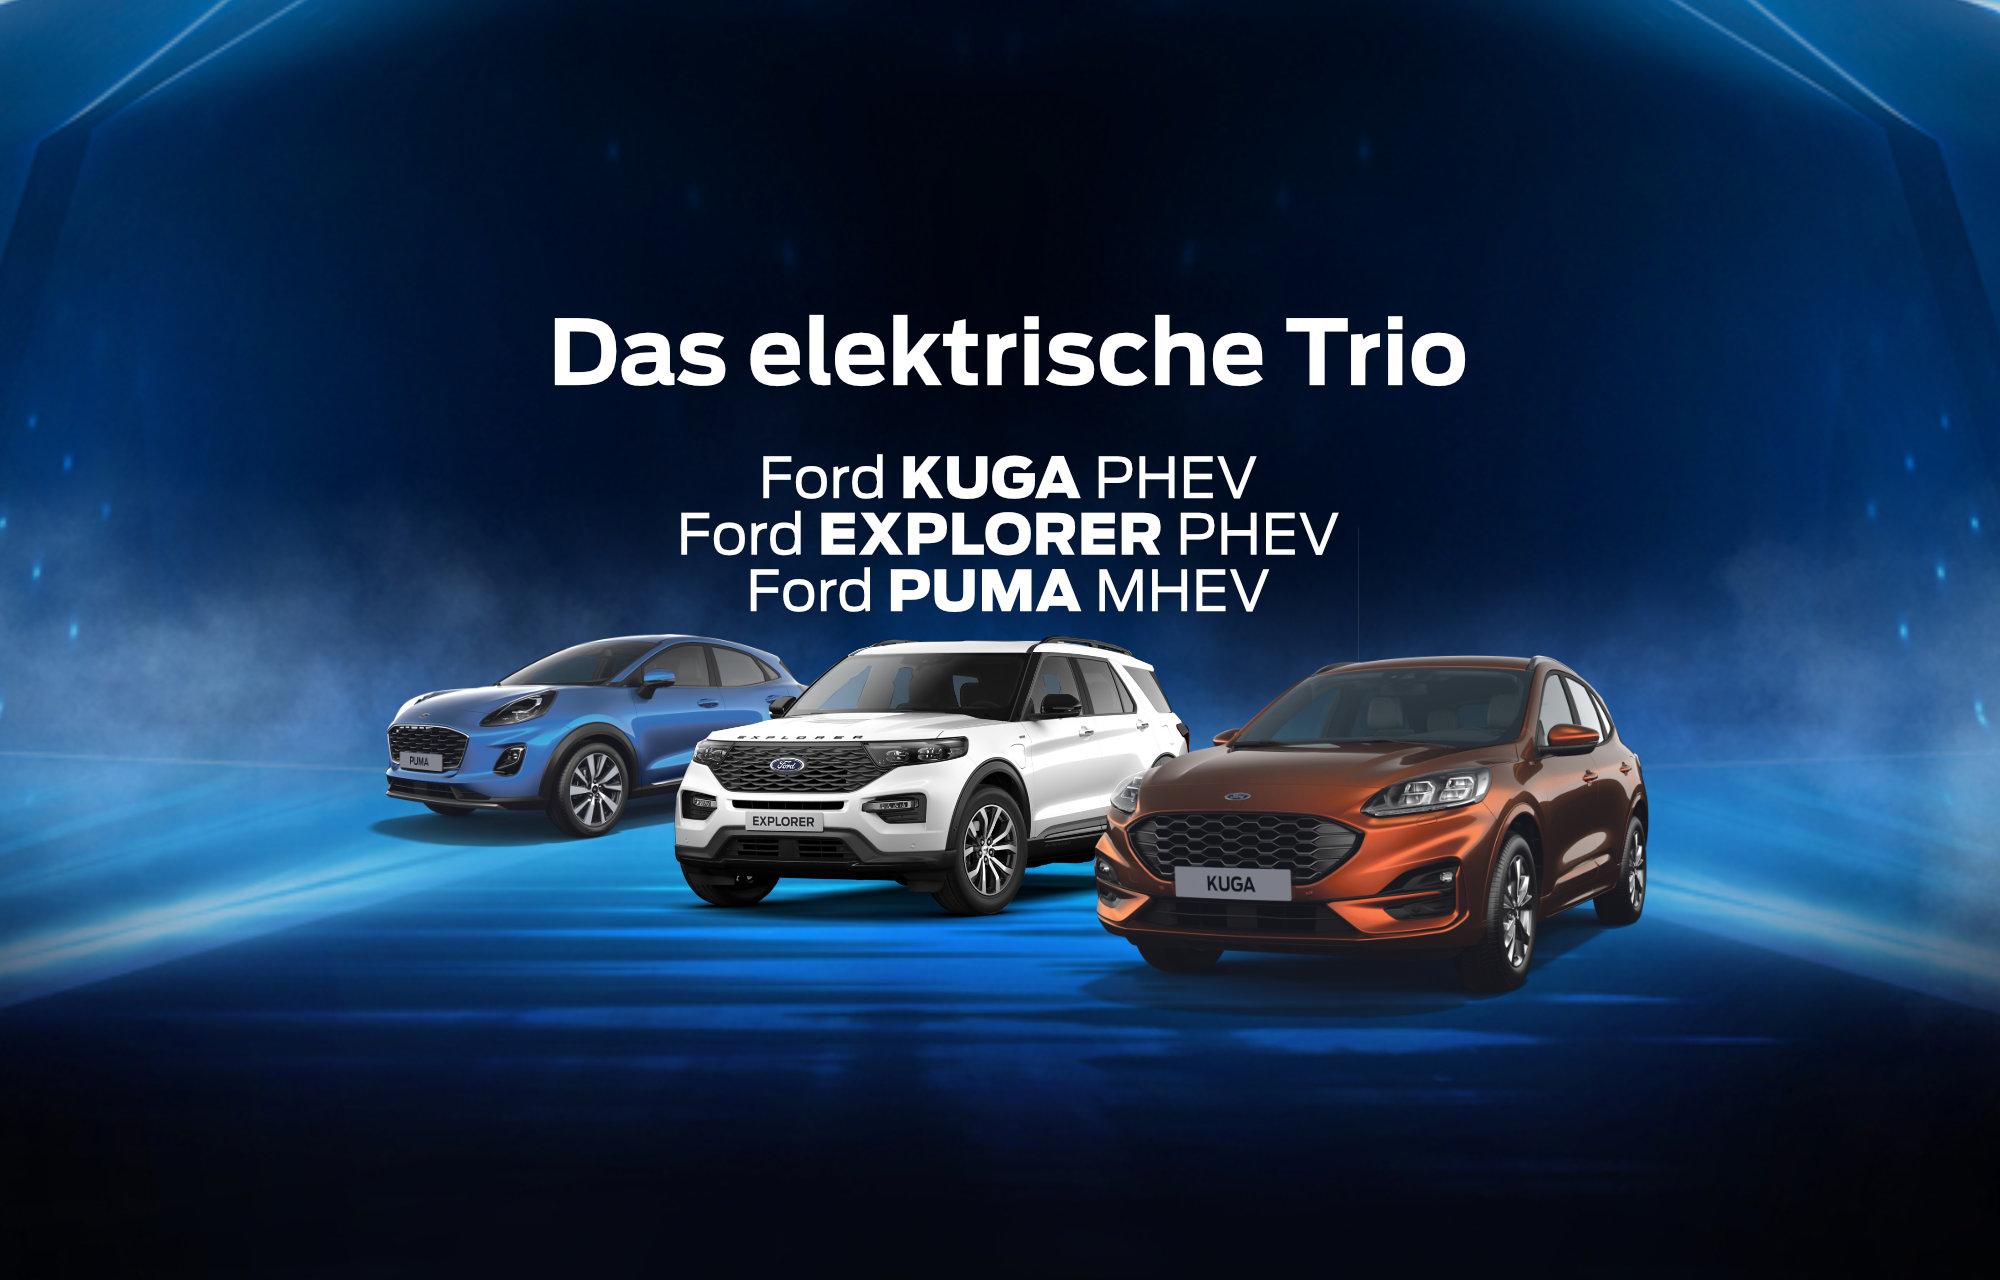 Das elektrische Trio in der Grüzenfeld-Garage